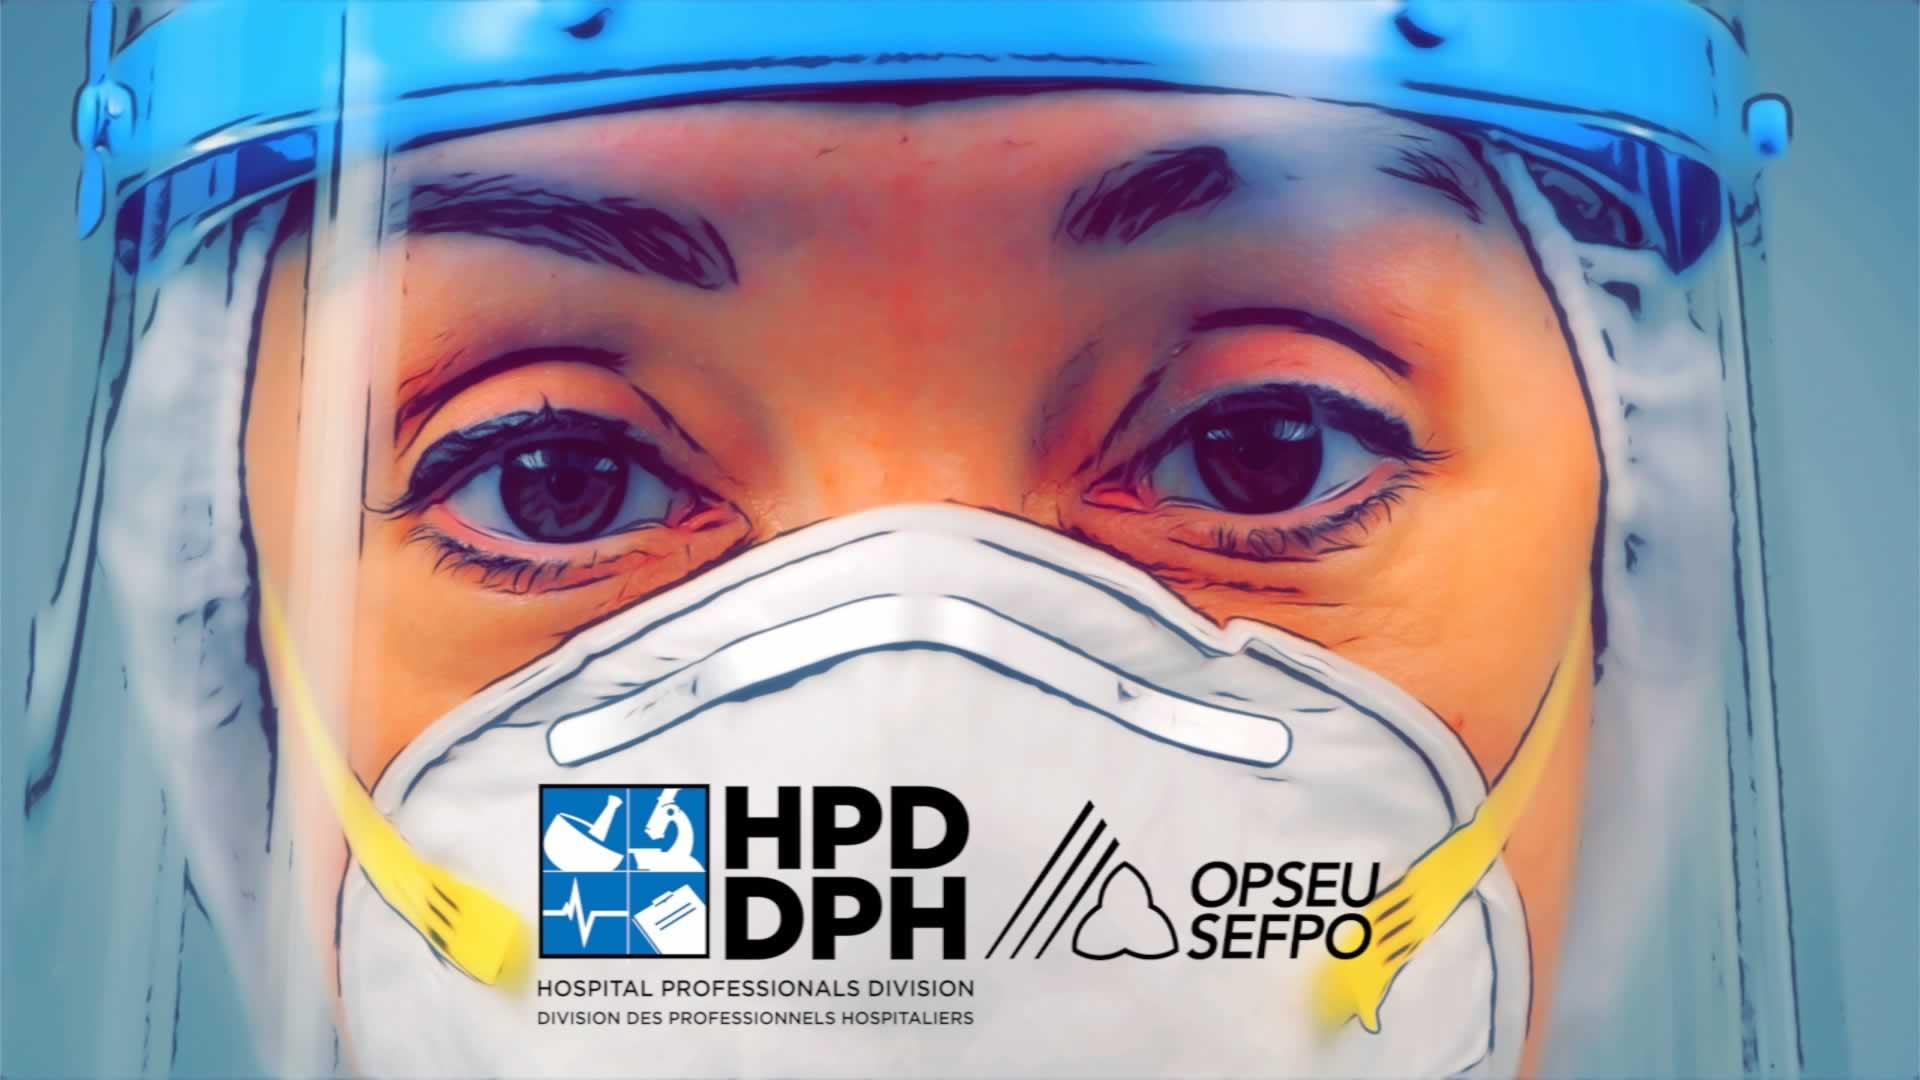 Professionnels hospitaliers membres de l'OPSEU/SEFPO : Protéger les Ontariens chaque jour